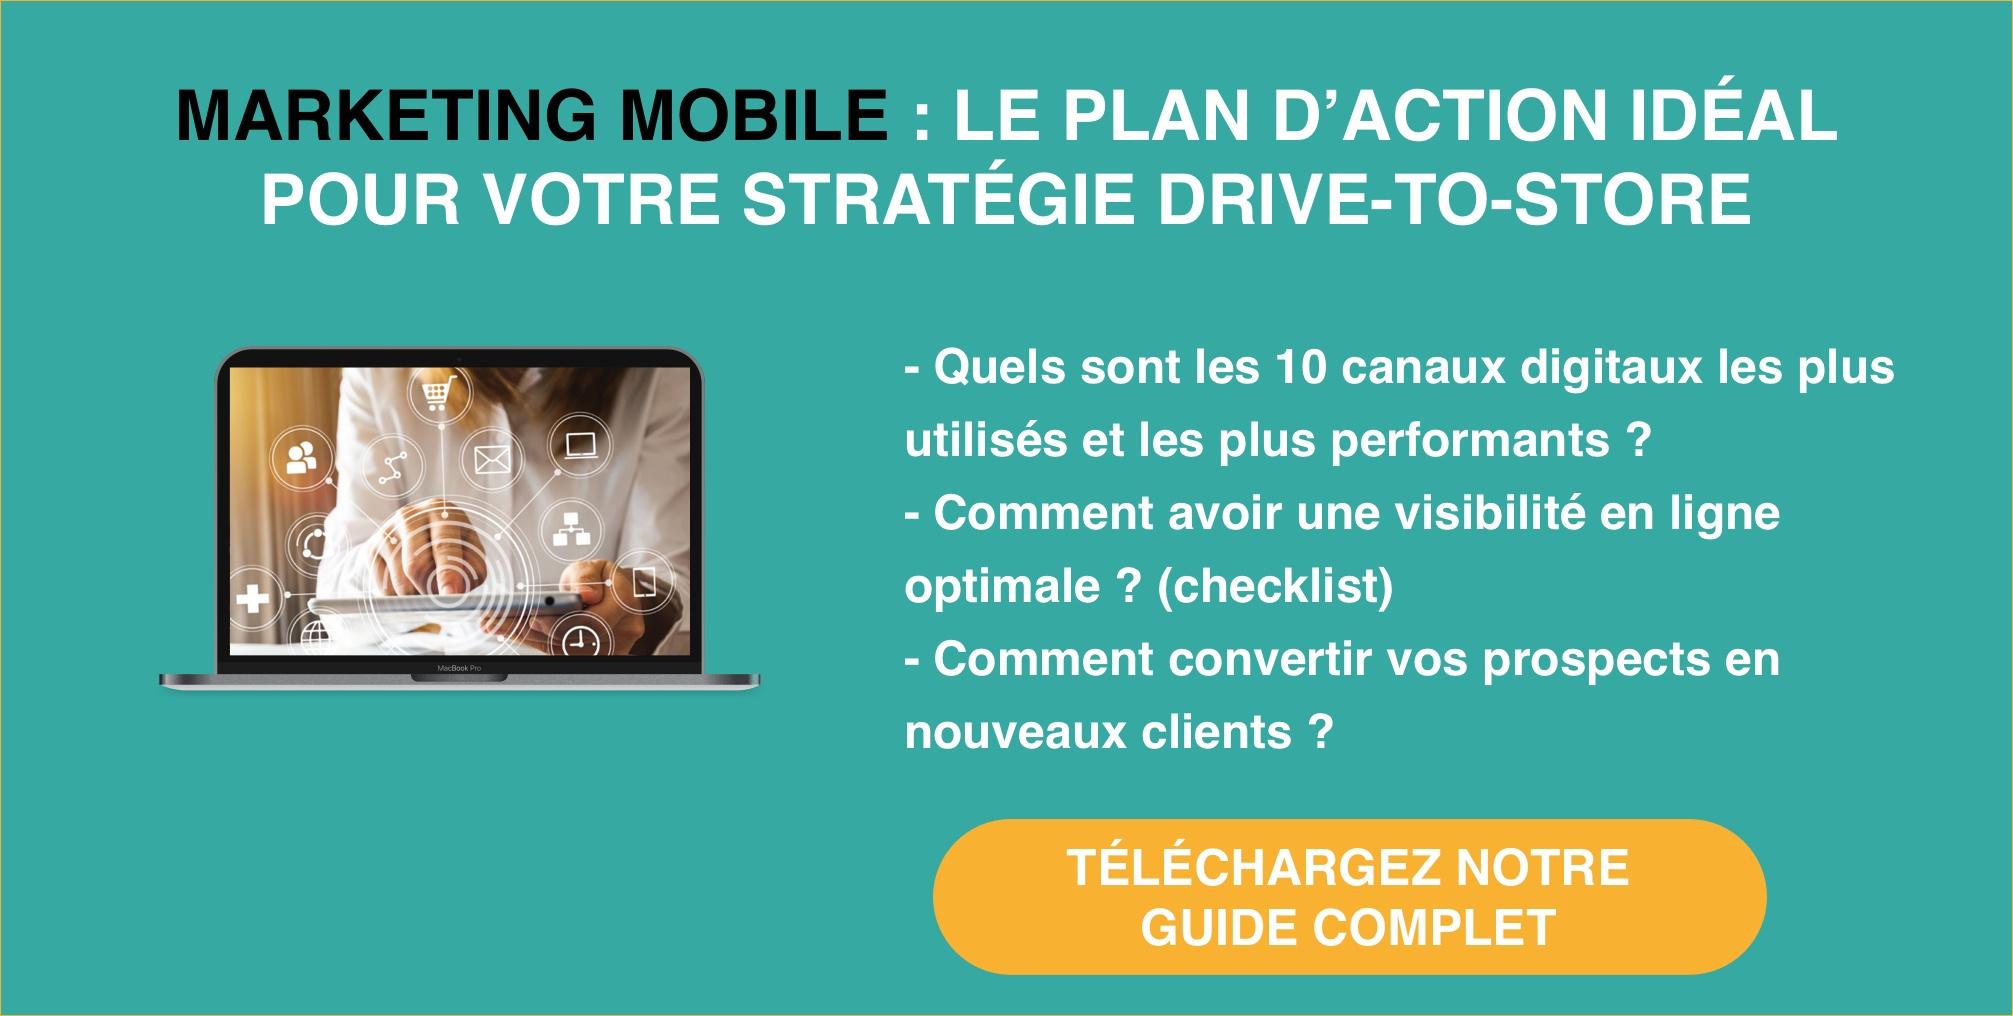 Le plan d'action idéal pour votre stratégie Drive-To-Store